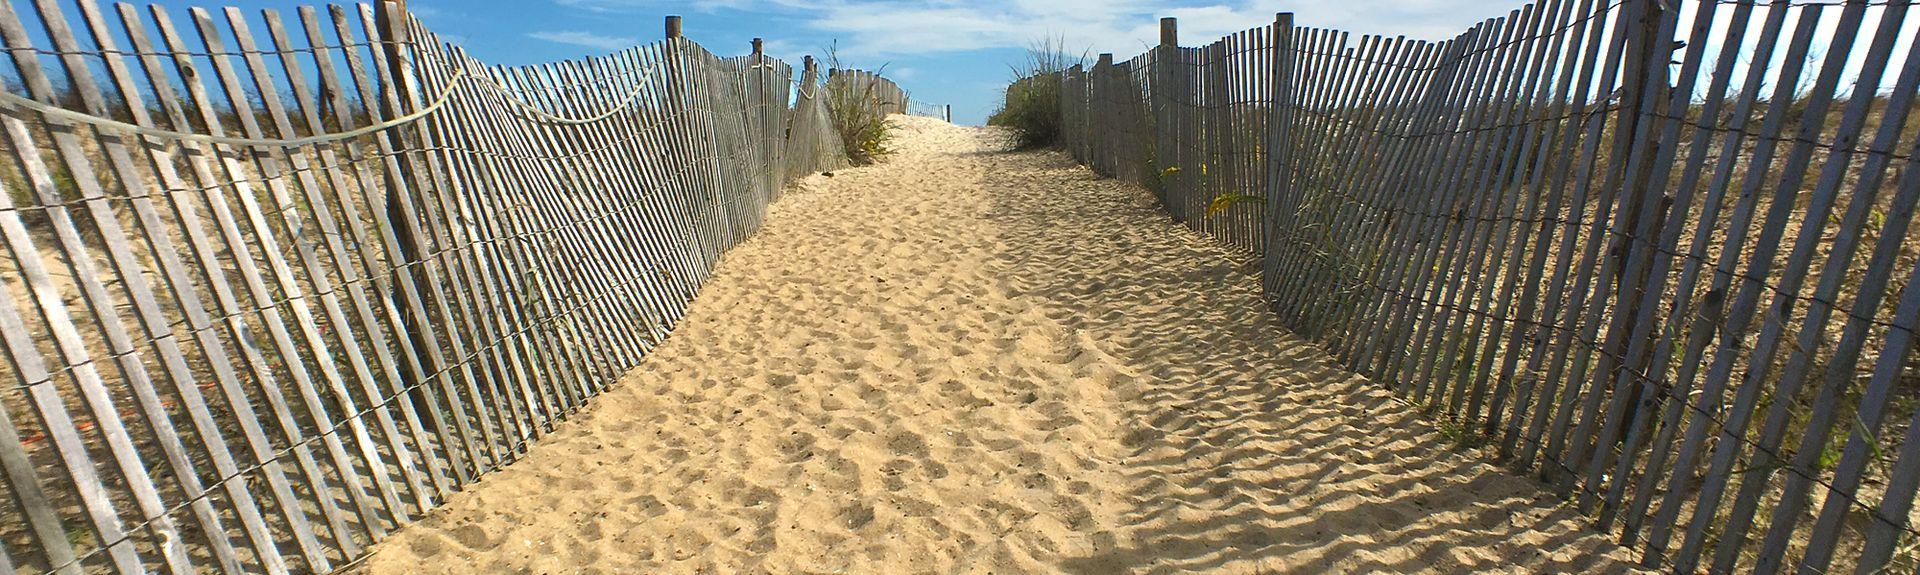 The Pines, Rehoboth Beach, Delaware, États-Unis d'Amérique